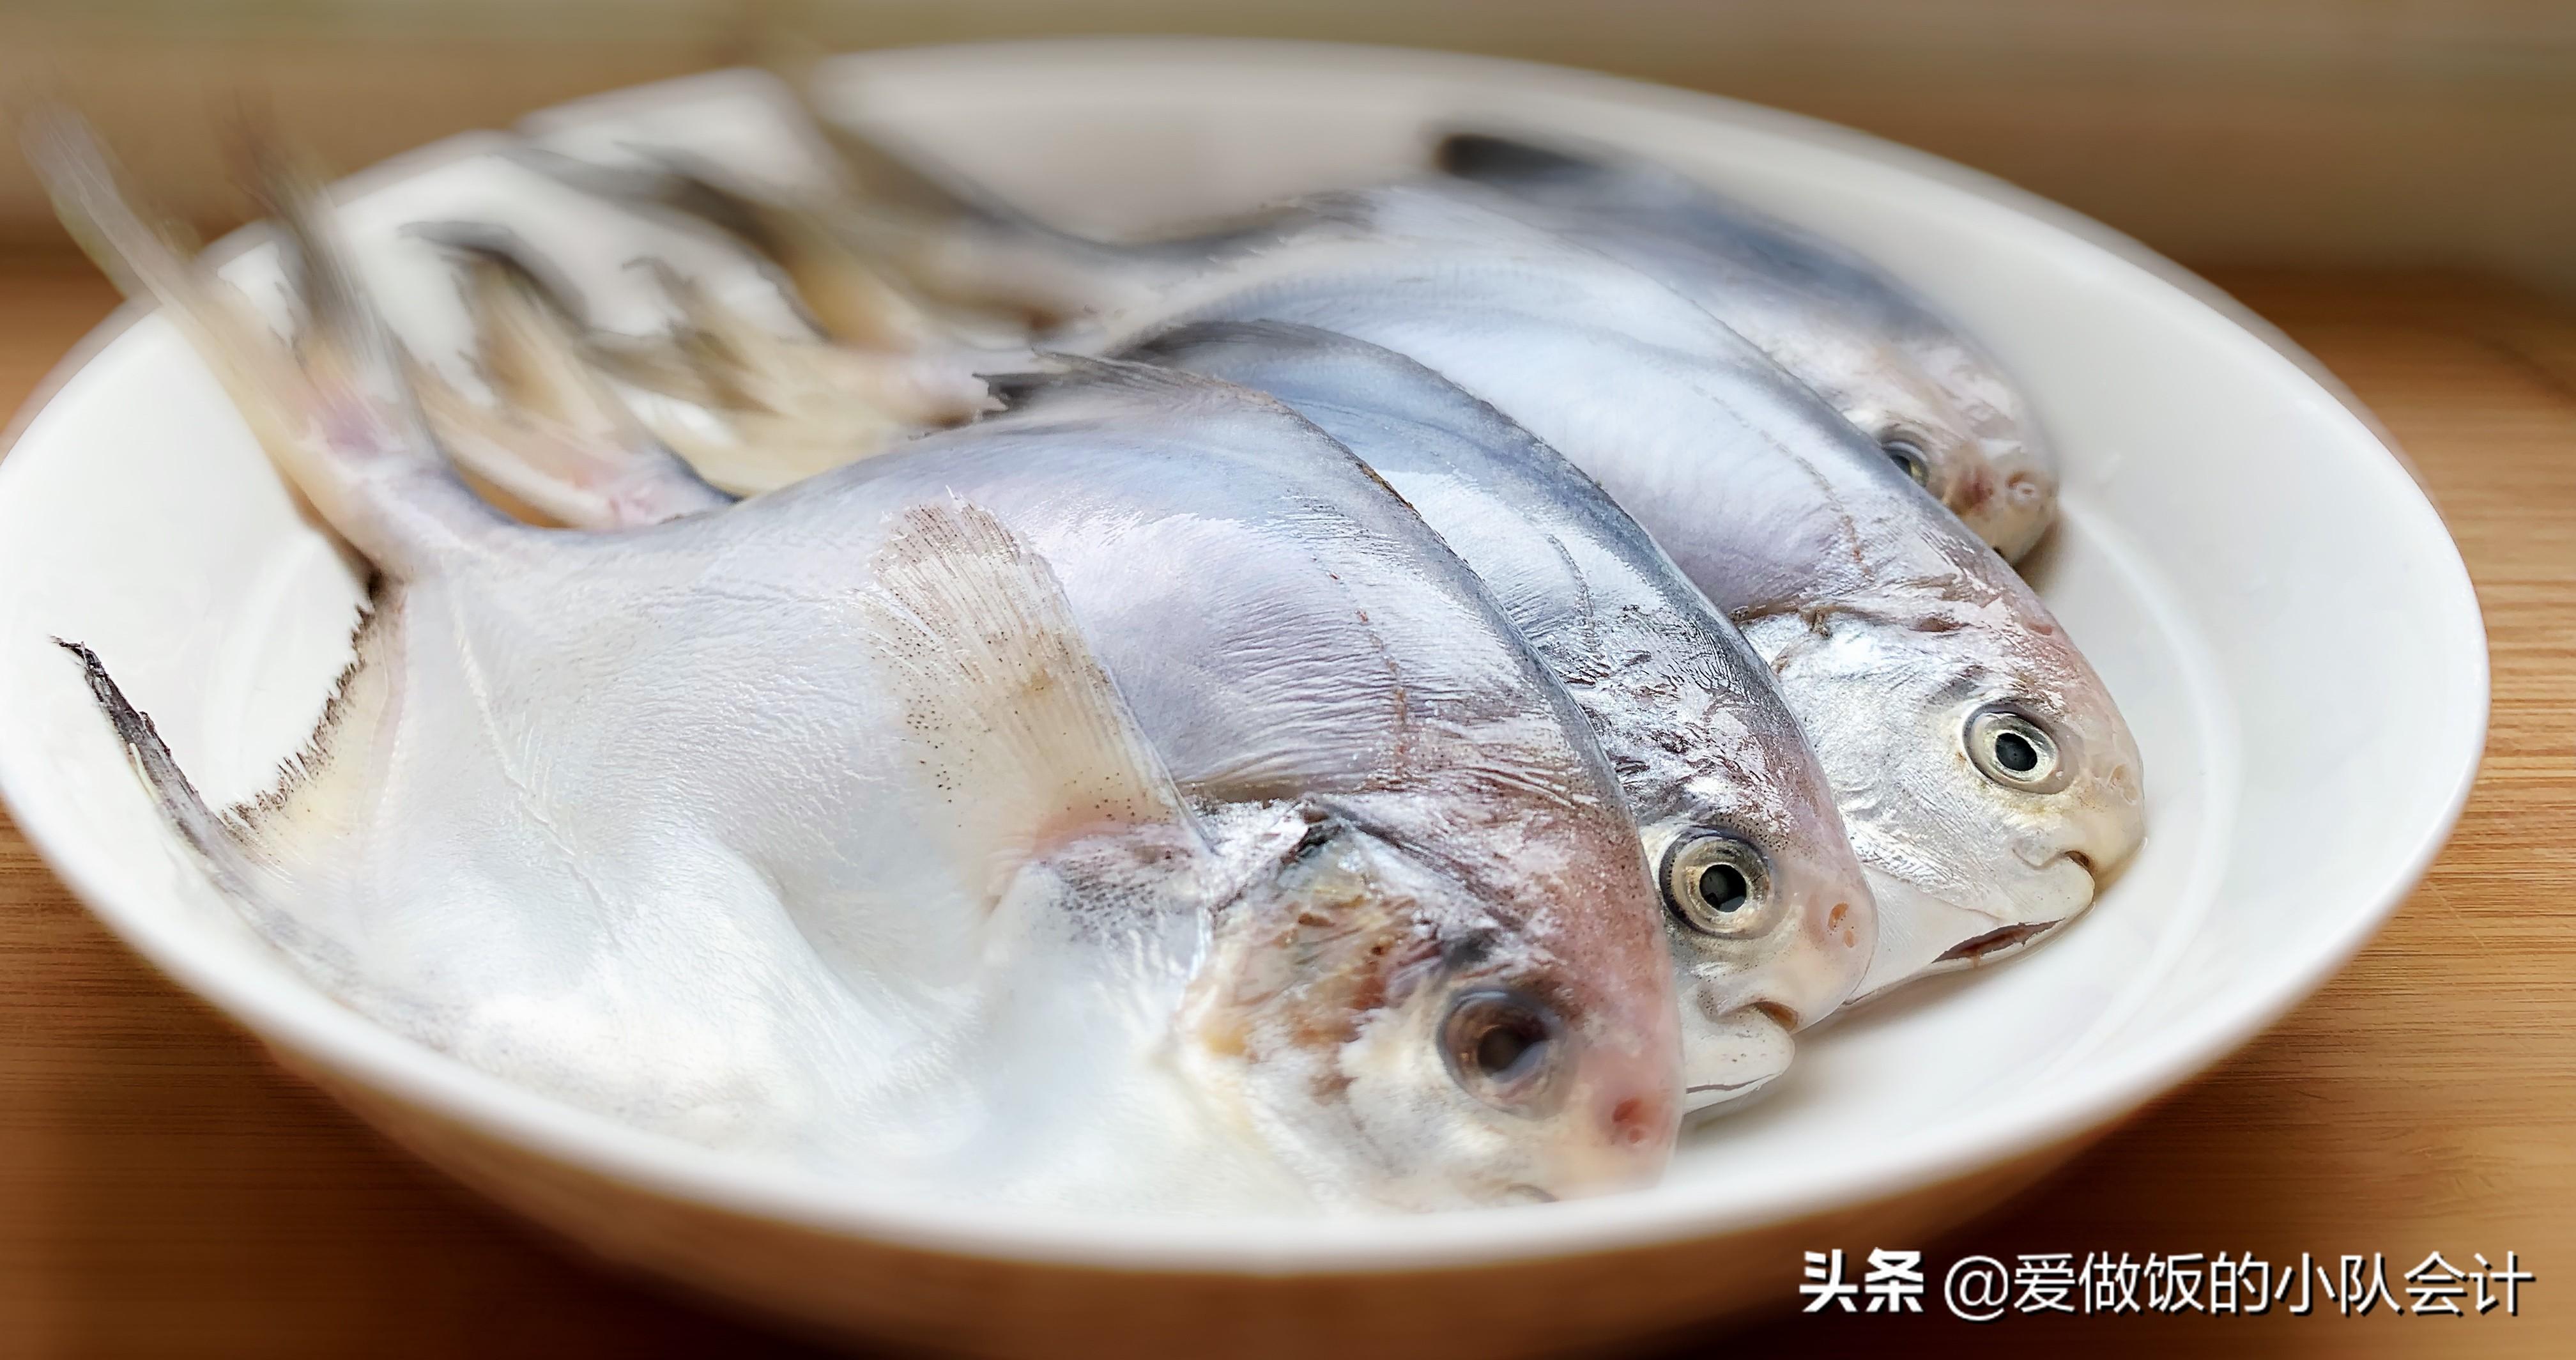 鲳鱼怎么处理(鲳鱼怎么杀和清洗图解)